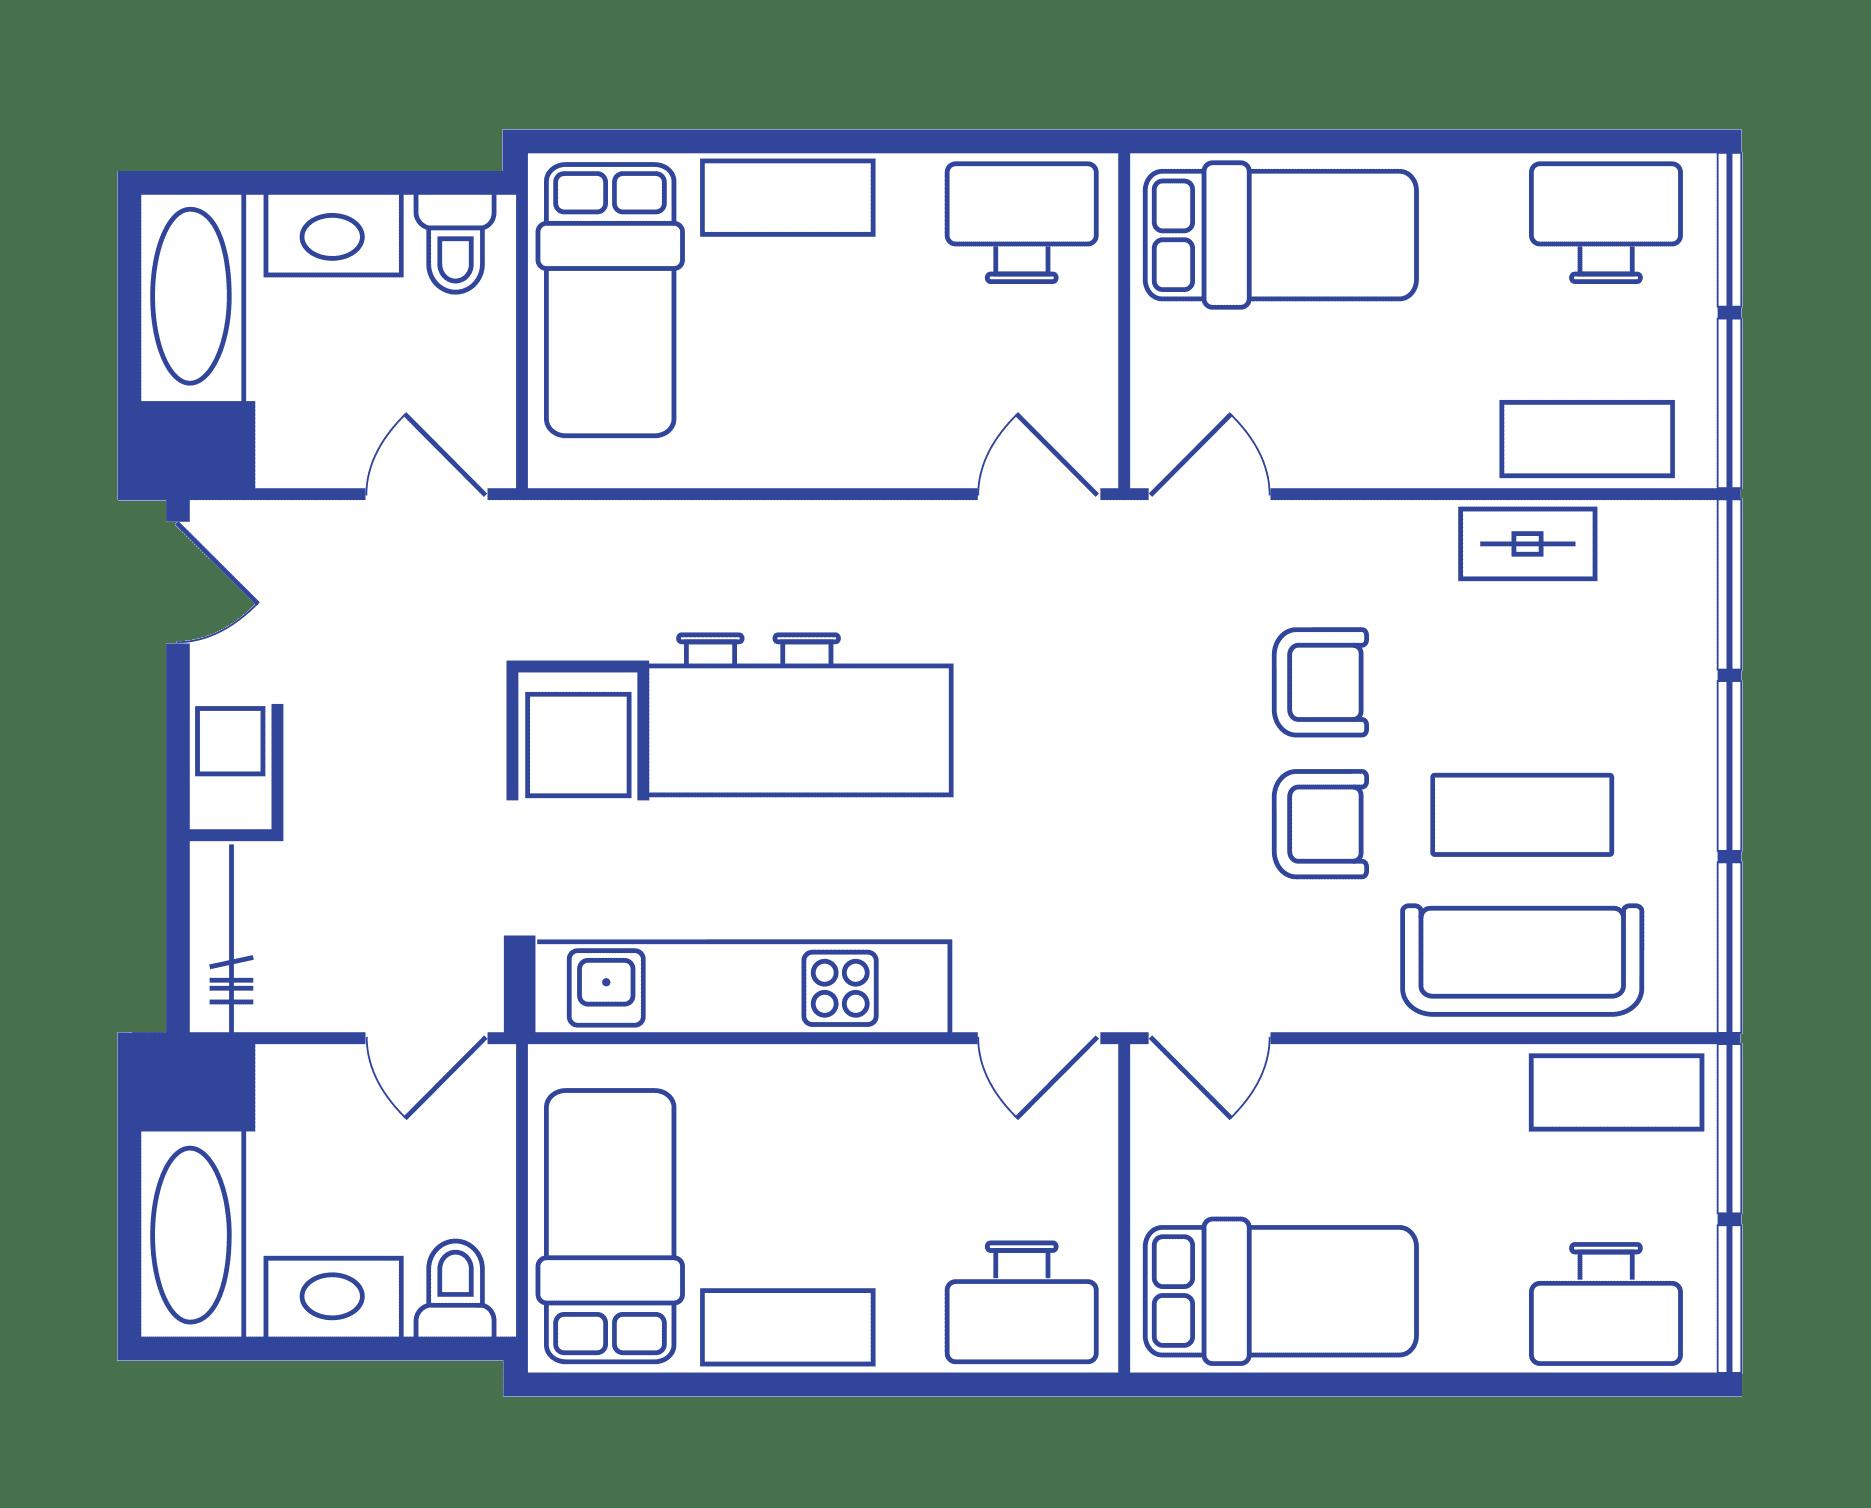 4 Bedroom Floorplan 1